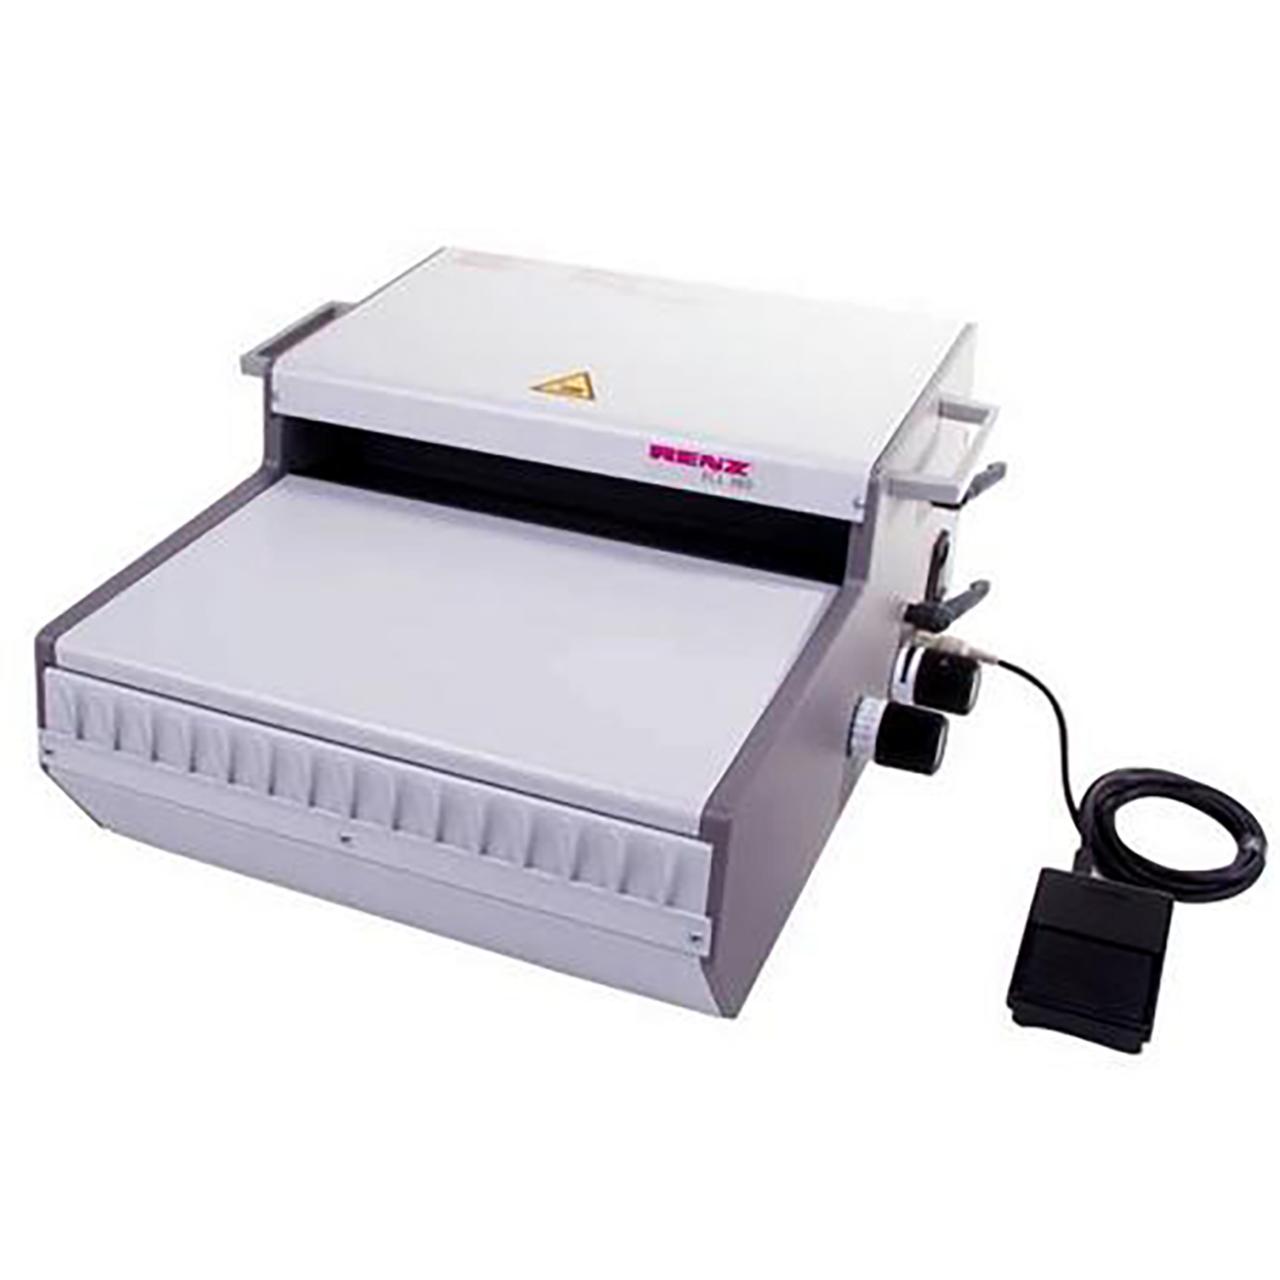 Draht-Schließmaschine RENZ® ECL 360, elektrisch